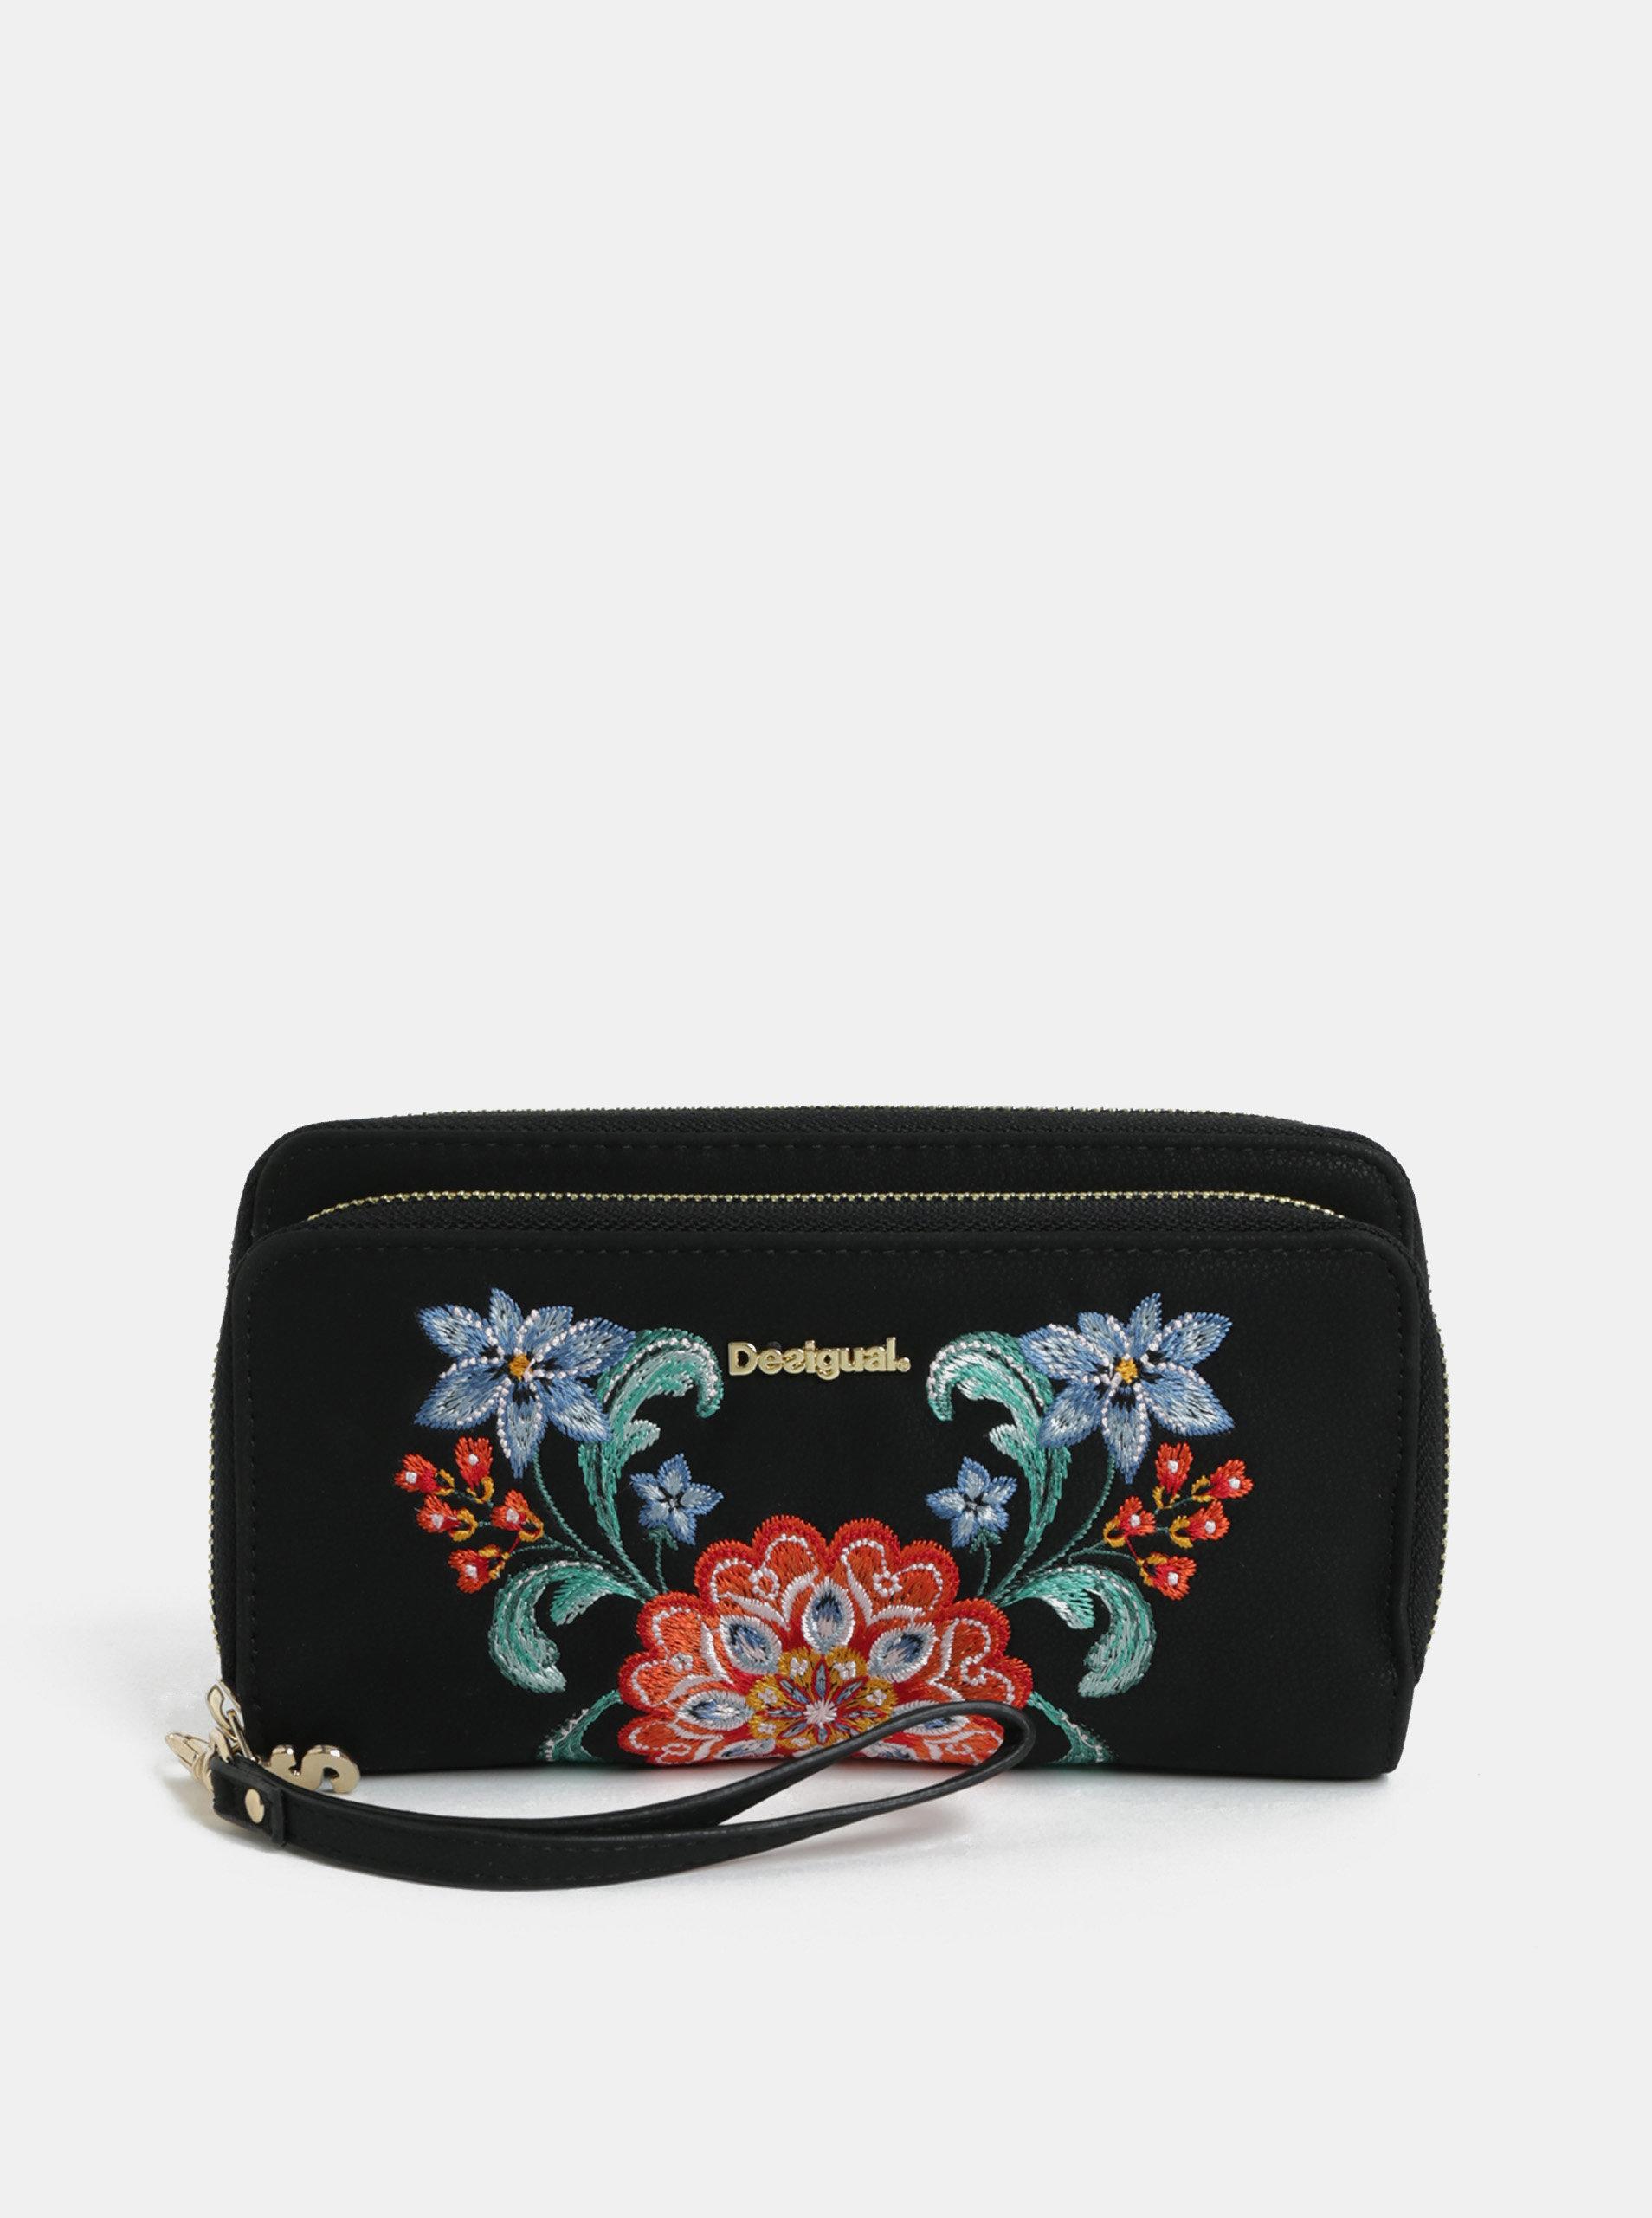 Černá peněženka s výšivkou  Desigual Odissey